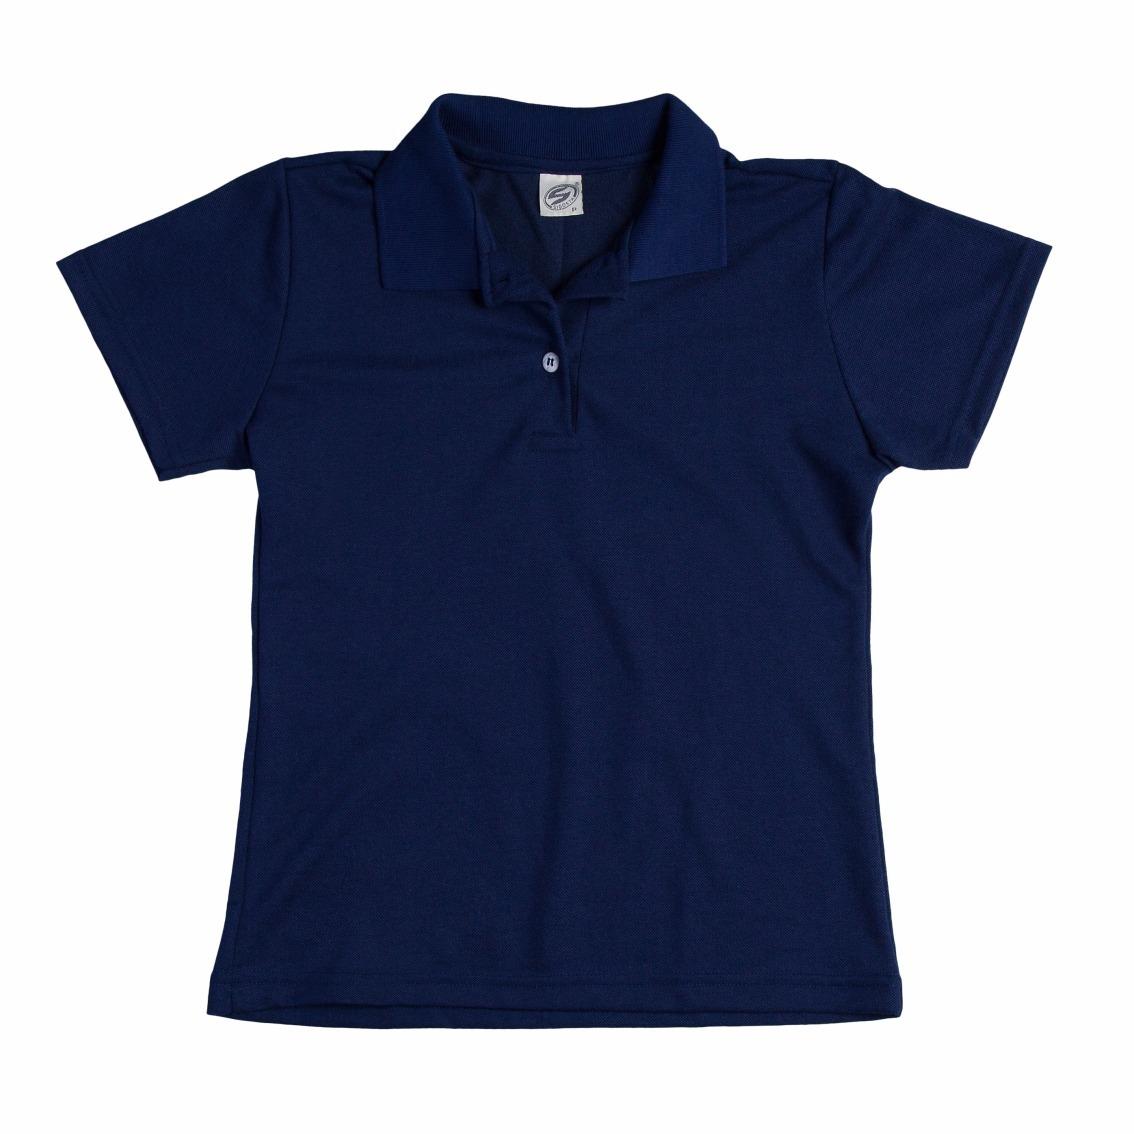 6e63835cd9631 camisa blusa gola polo malha feminina baby look azul marinho. Carregando  zoom.